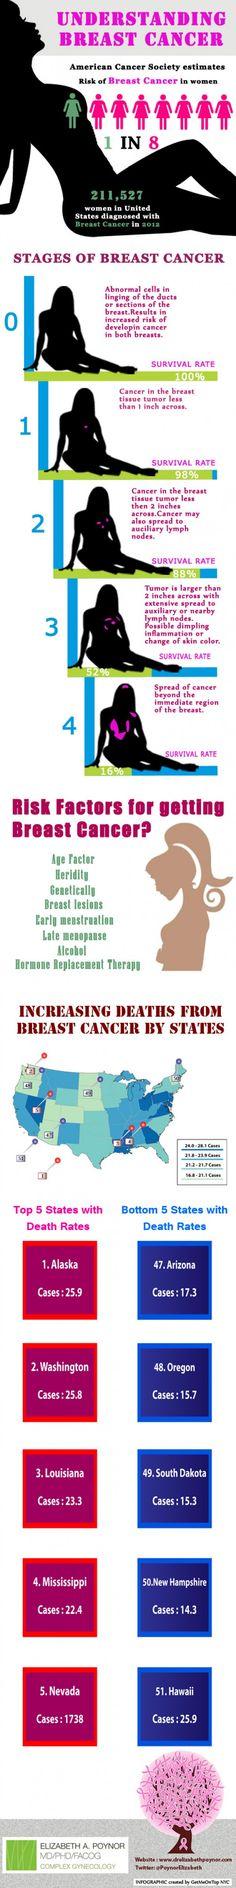 Understanding #BreastCancer